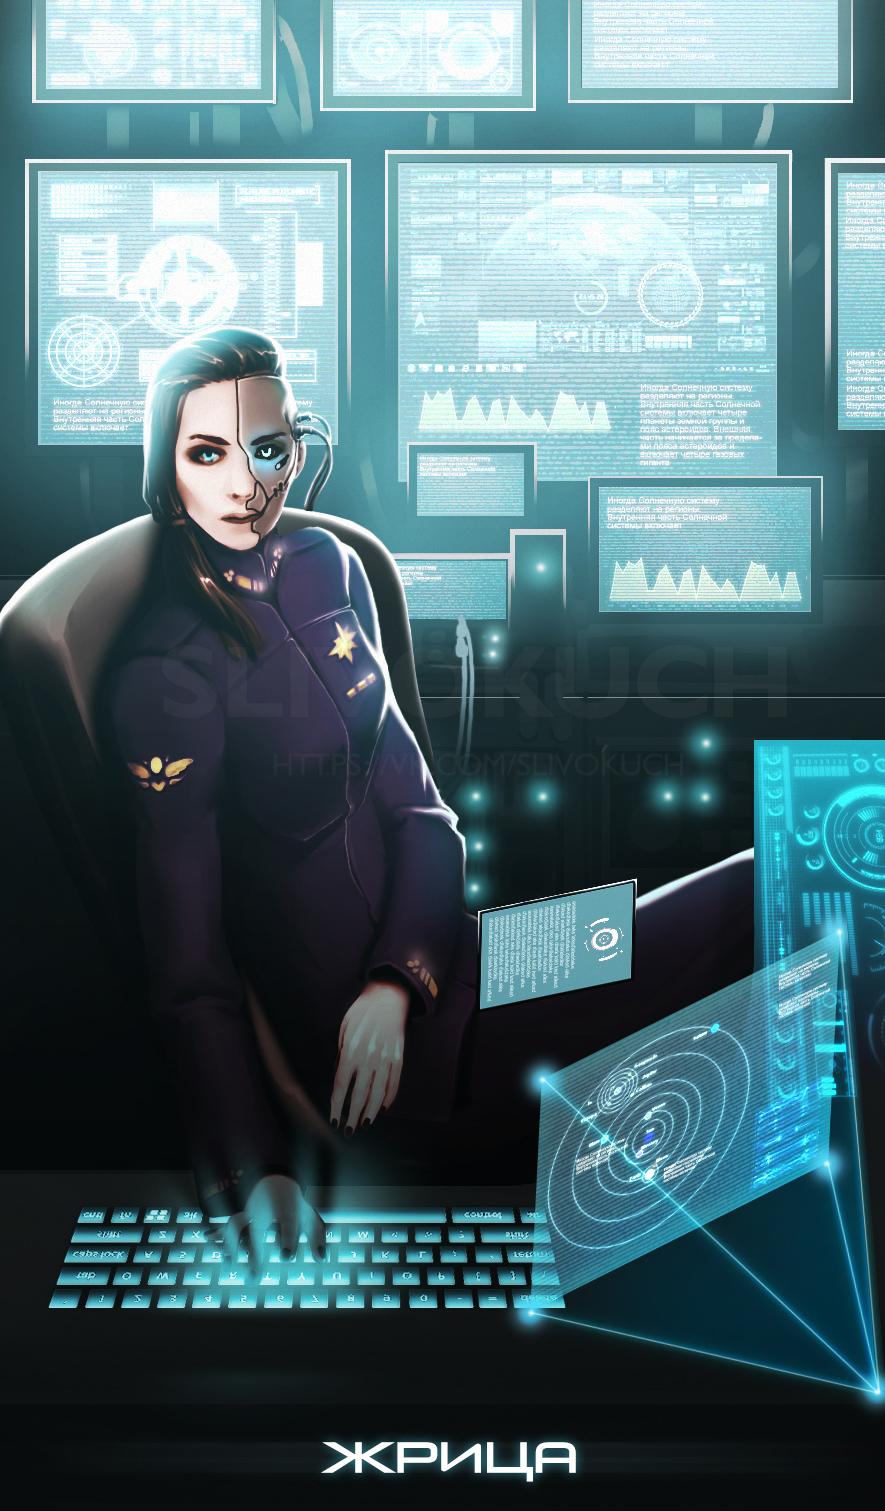 Ищем художника для создания колоды Таро в стиле киберпанк фото f_851591186f28caee.jpg